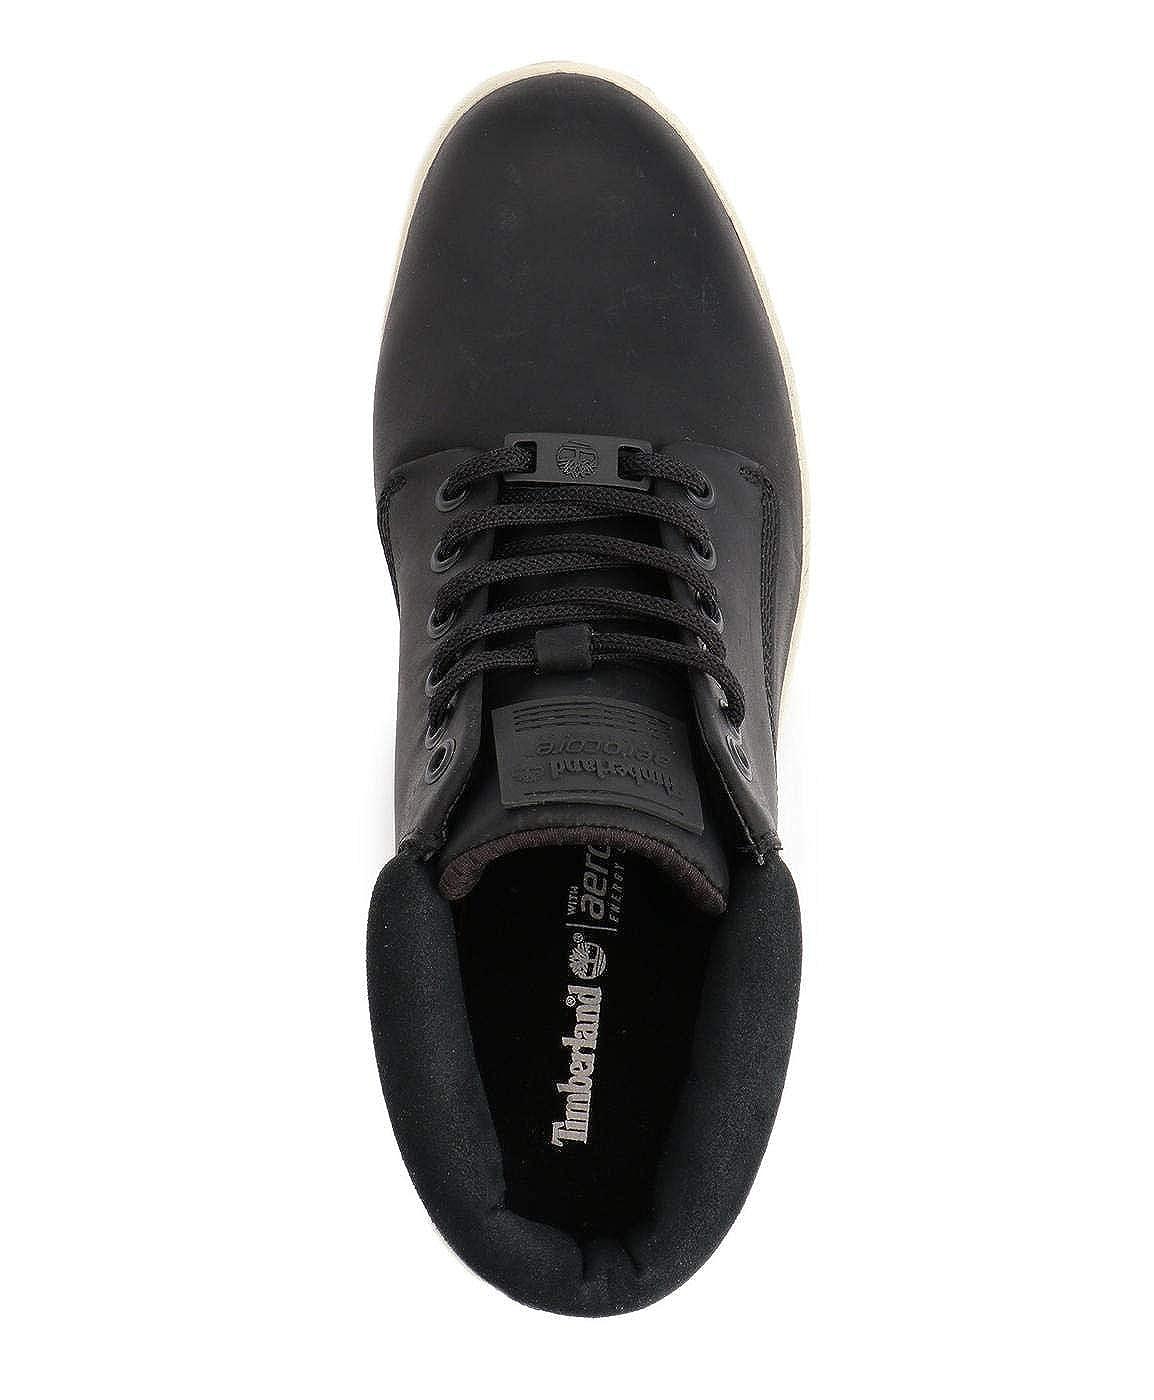 Timberland CITYROAM Cup CHK BLK Stiefel in Übergrößen Schwarz Schwarz Schwarz TB0A1S5N0011 große Herrenschuhe  6ff36e